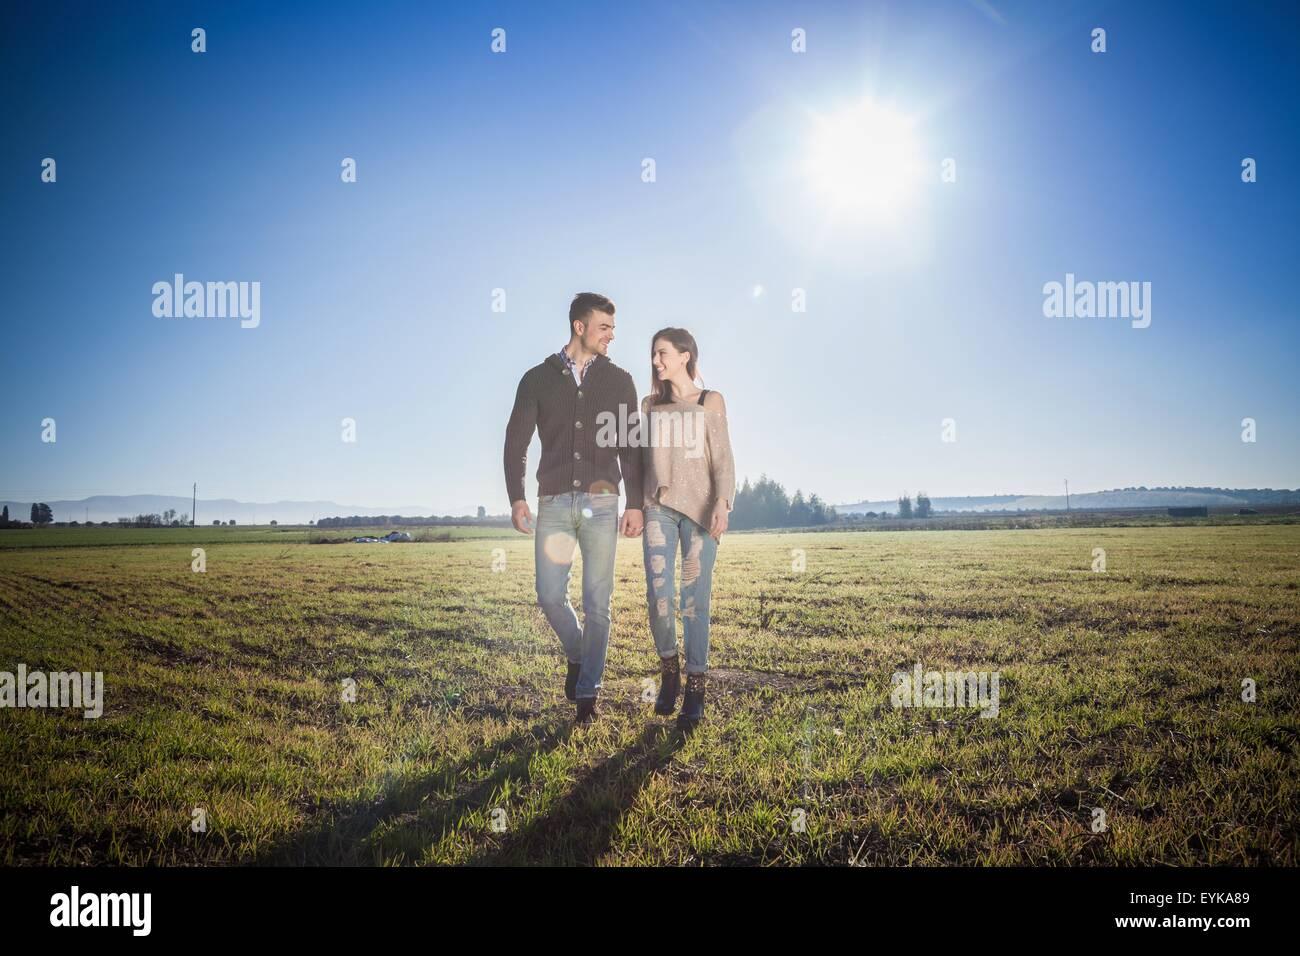 Joven pareja tomados de las manos en el campo Foto de stock